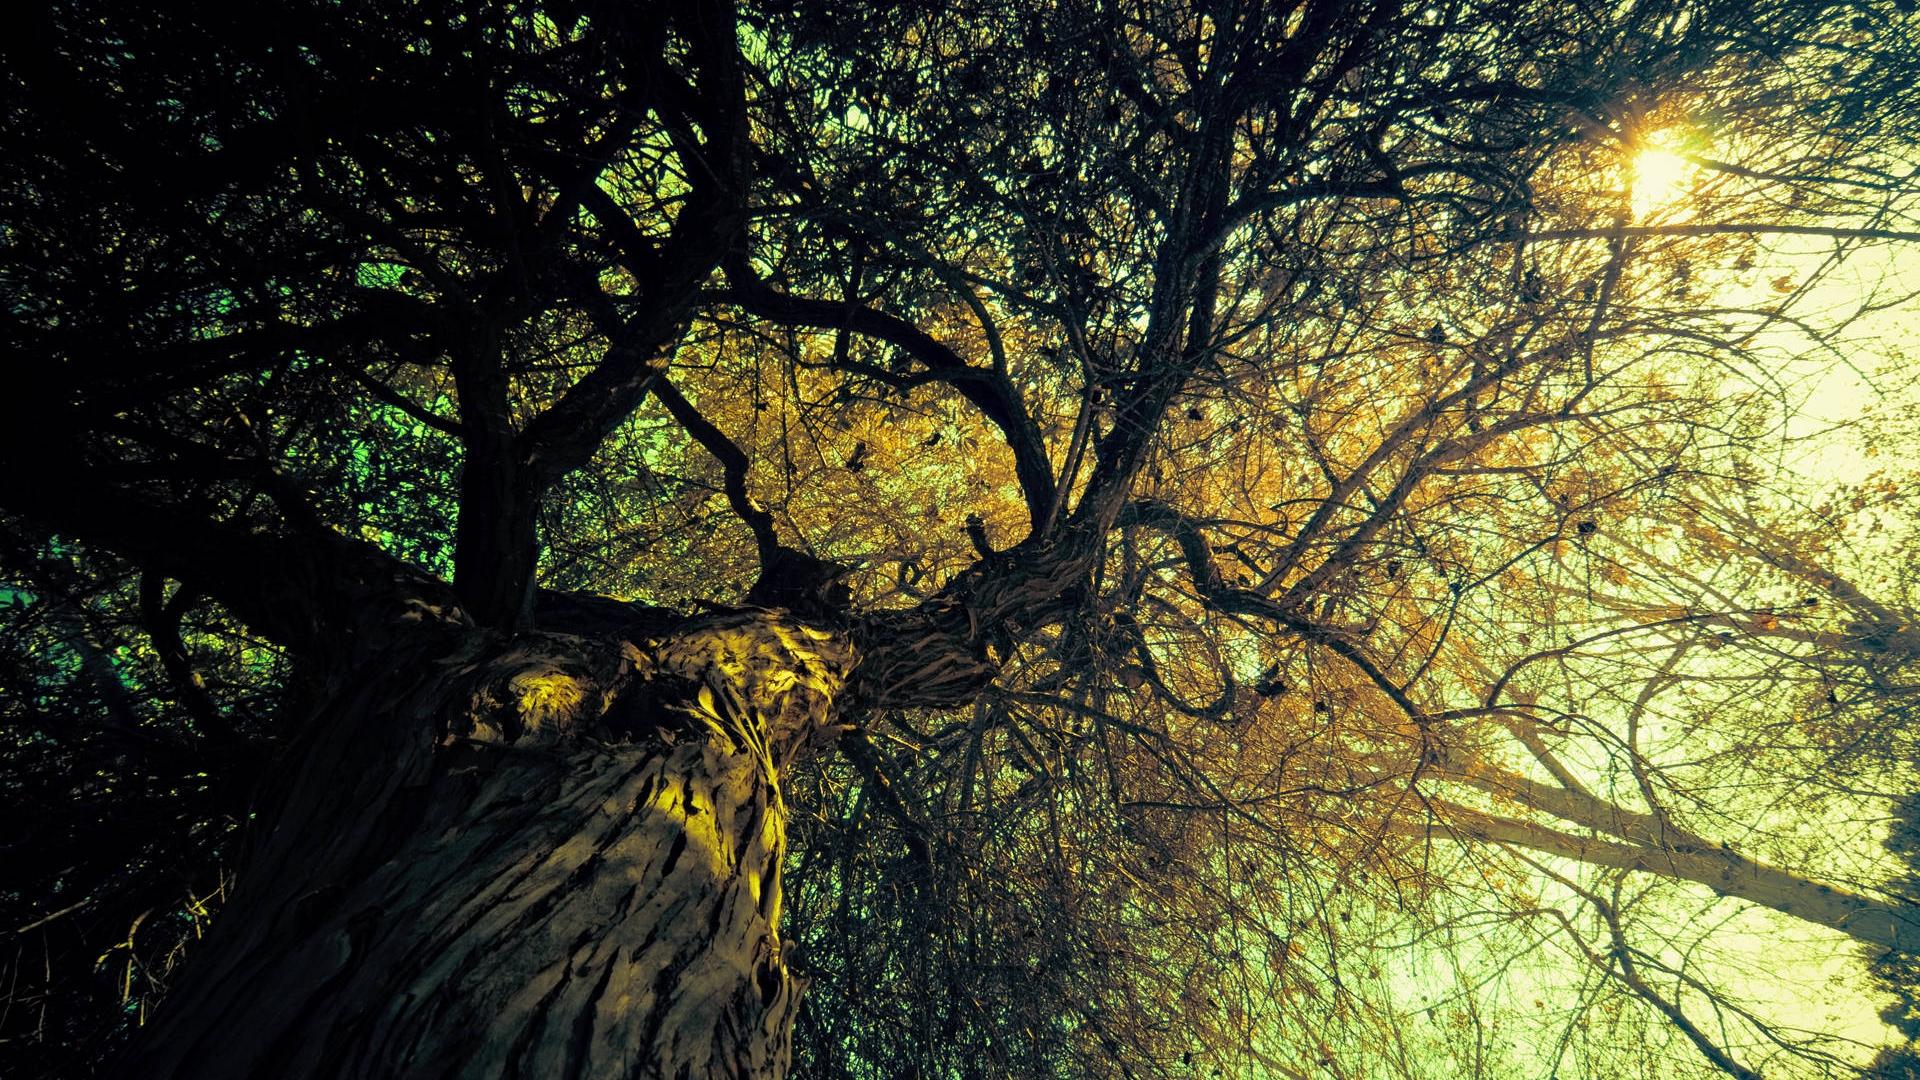 Great Wallpaper Mobile Vintage - vintage-tree-wallpaper-46055-47341-hd-wallpapers  Image_1004355.jpg